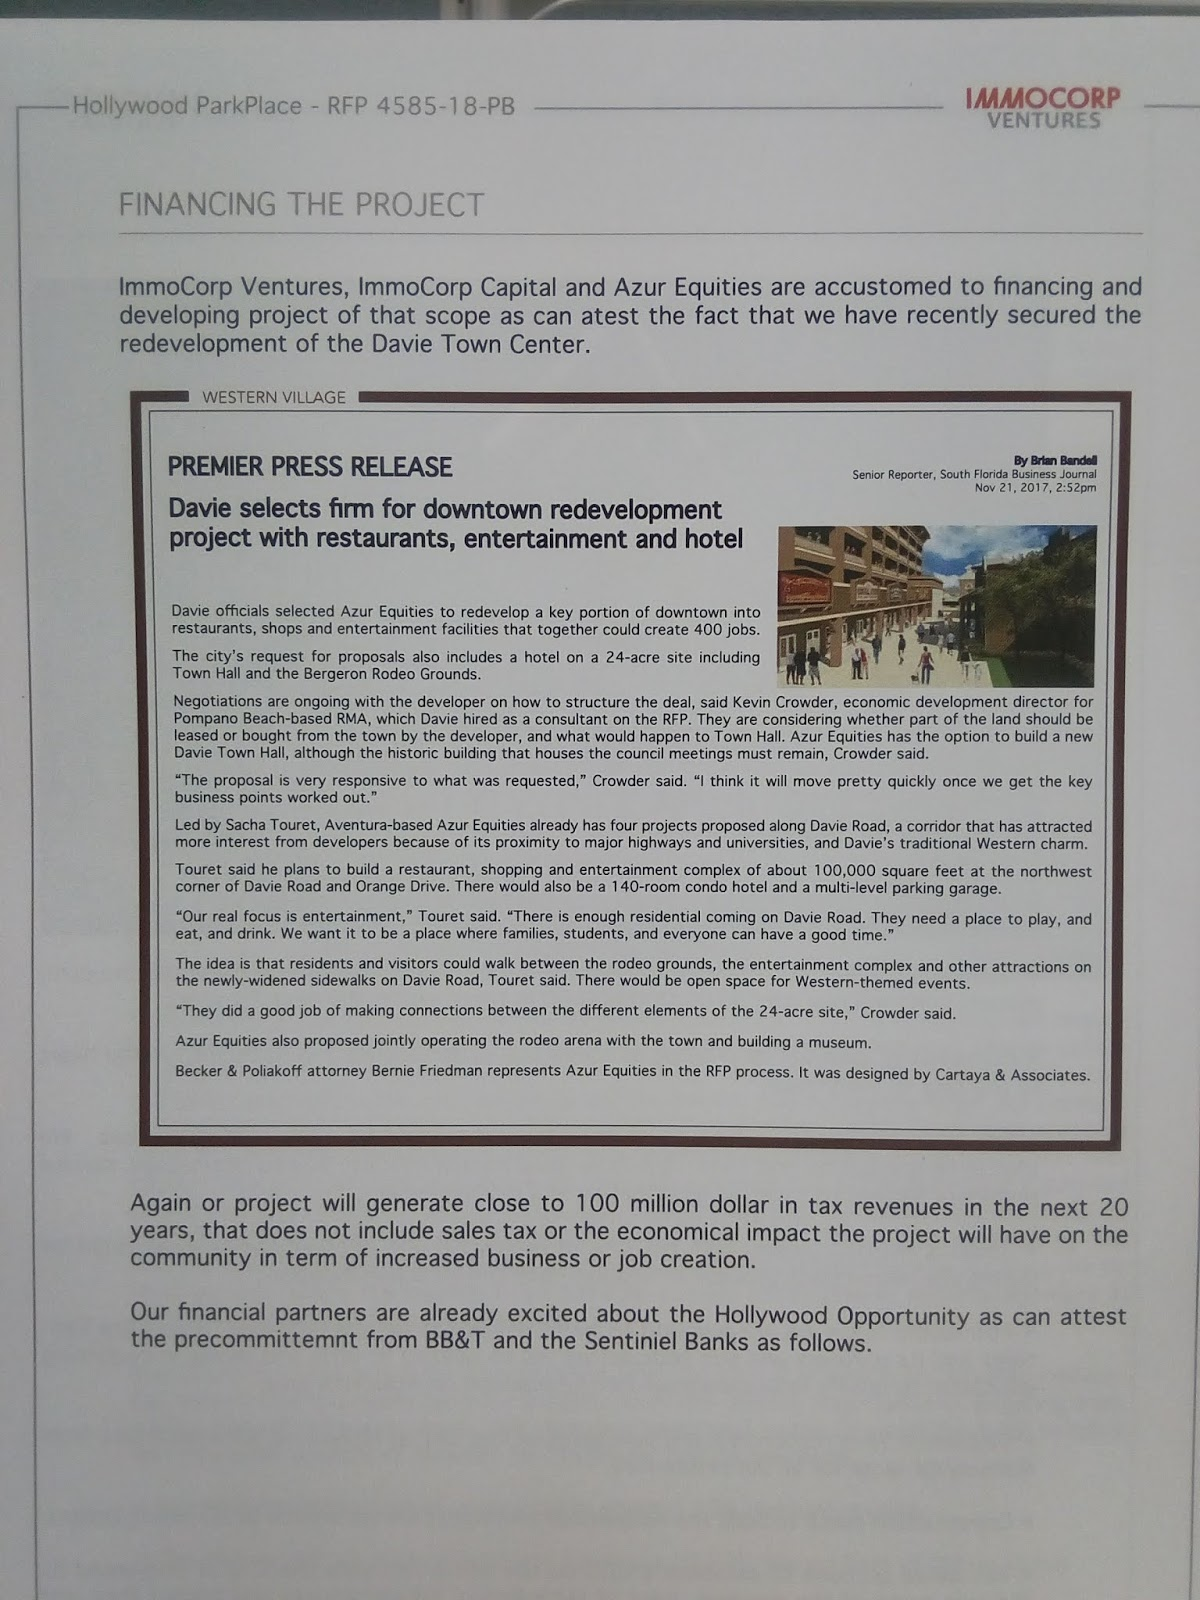 Hallandale Beach/Hollywood Blog: City of Hollywood's Park Avenue RFP